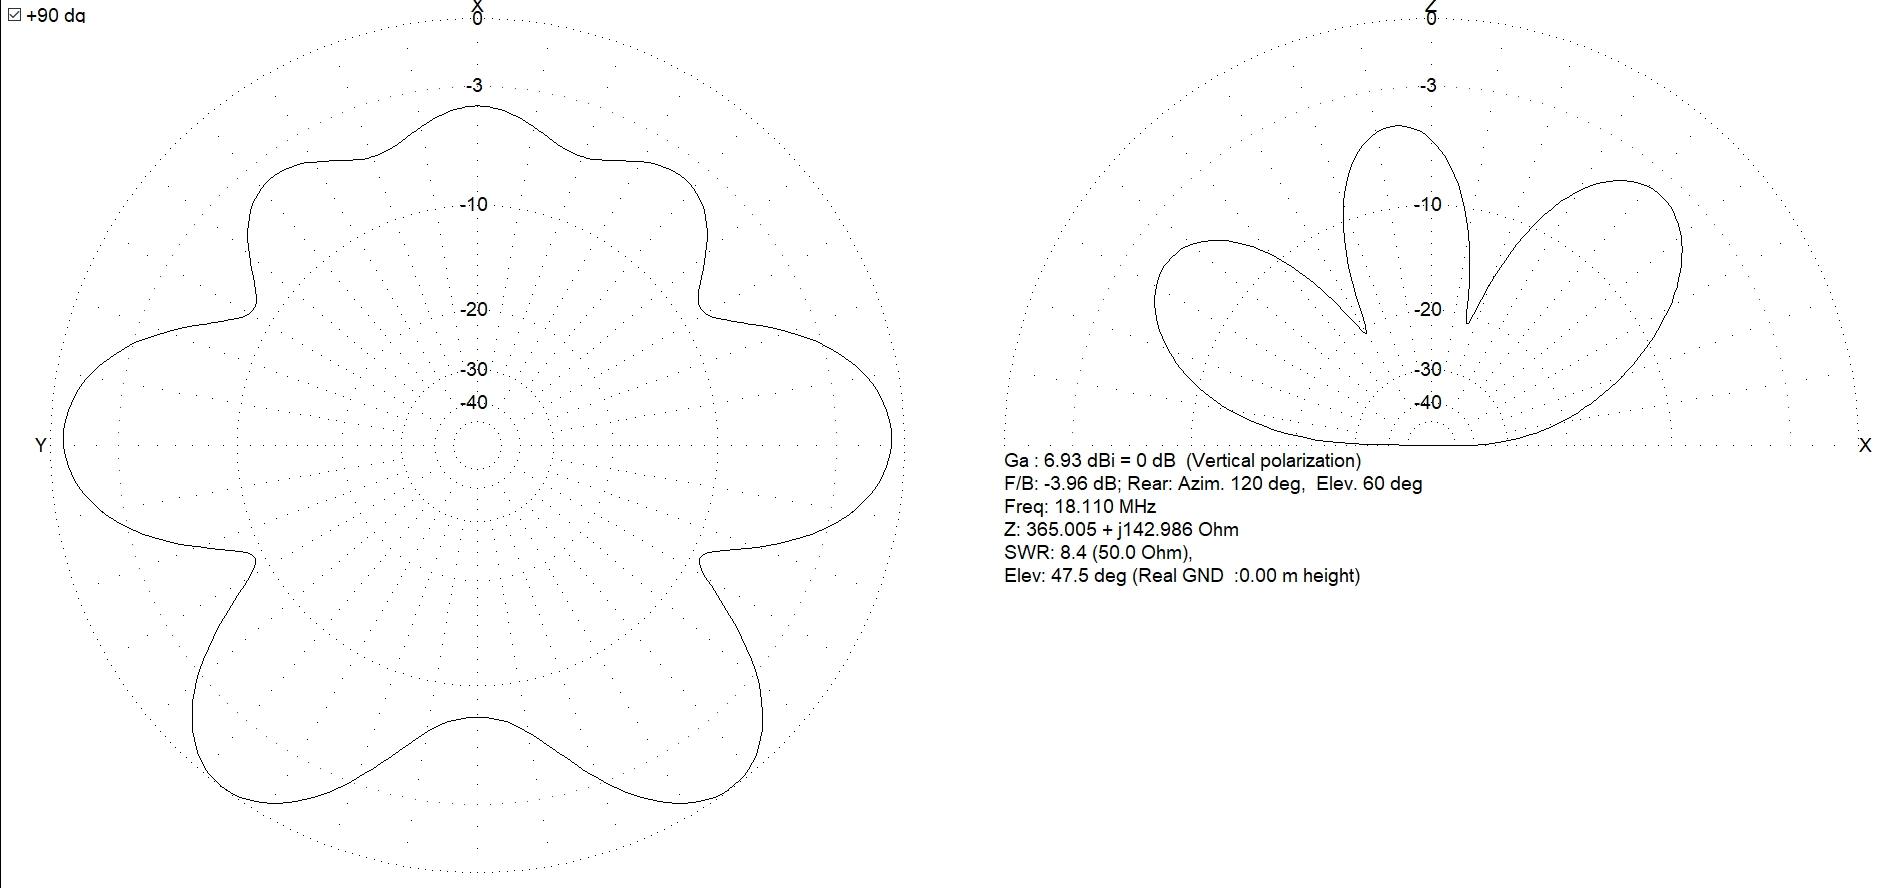 Antenne boucle horizontale 84m : Comparaison théorique MMANA 5m/12m 007-84-5m-diag-18